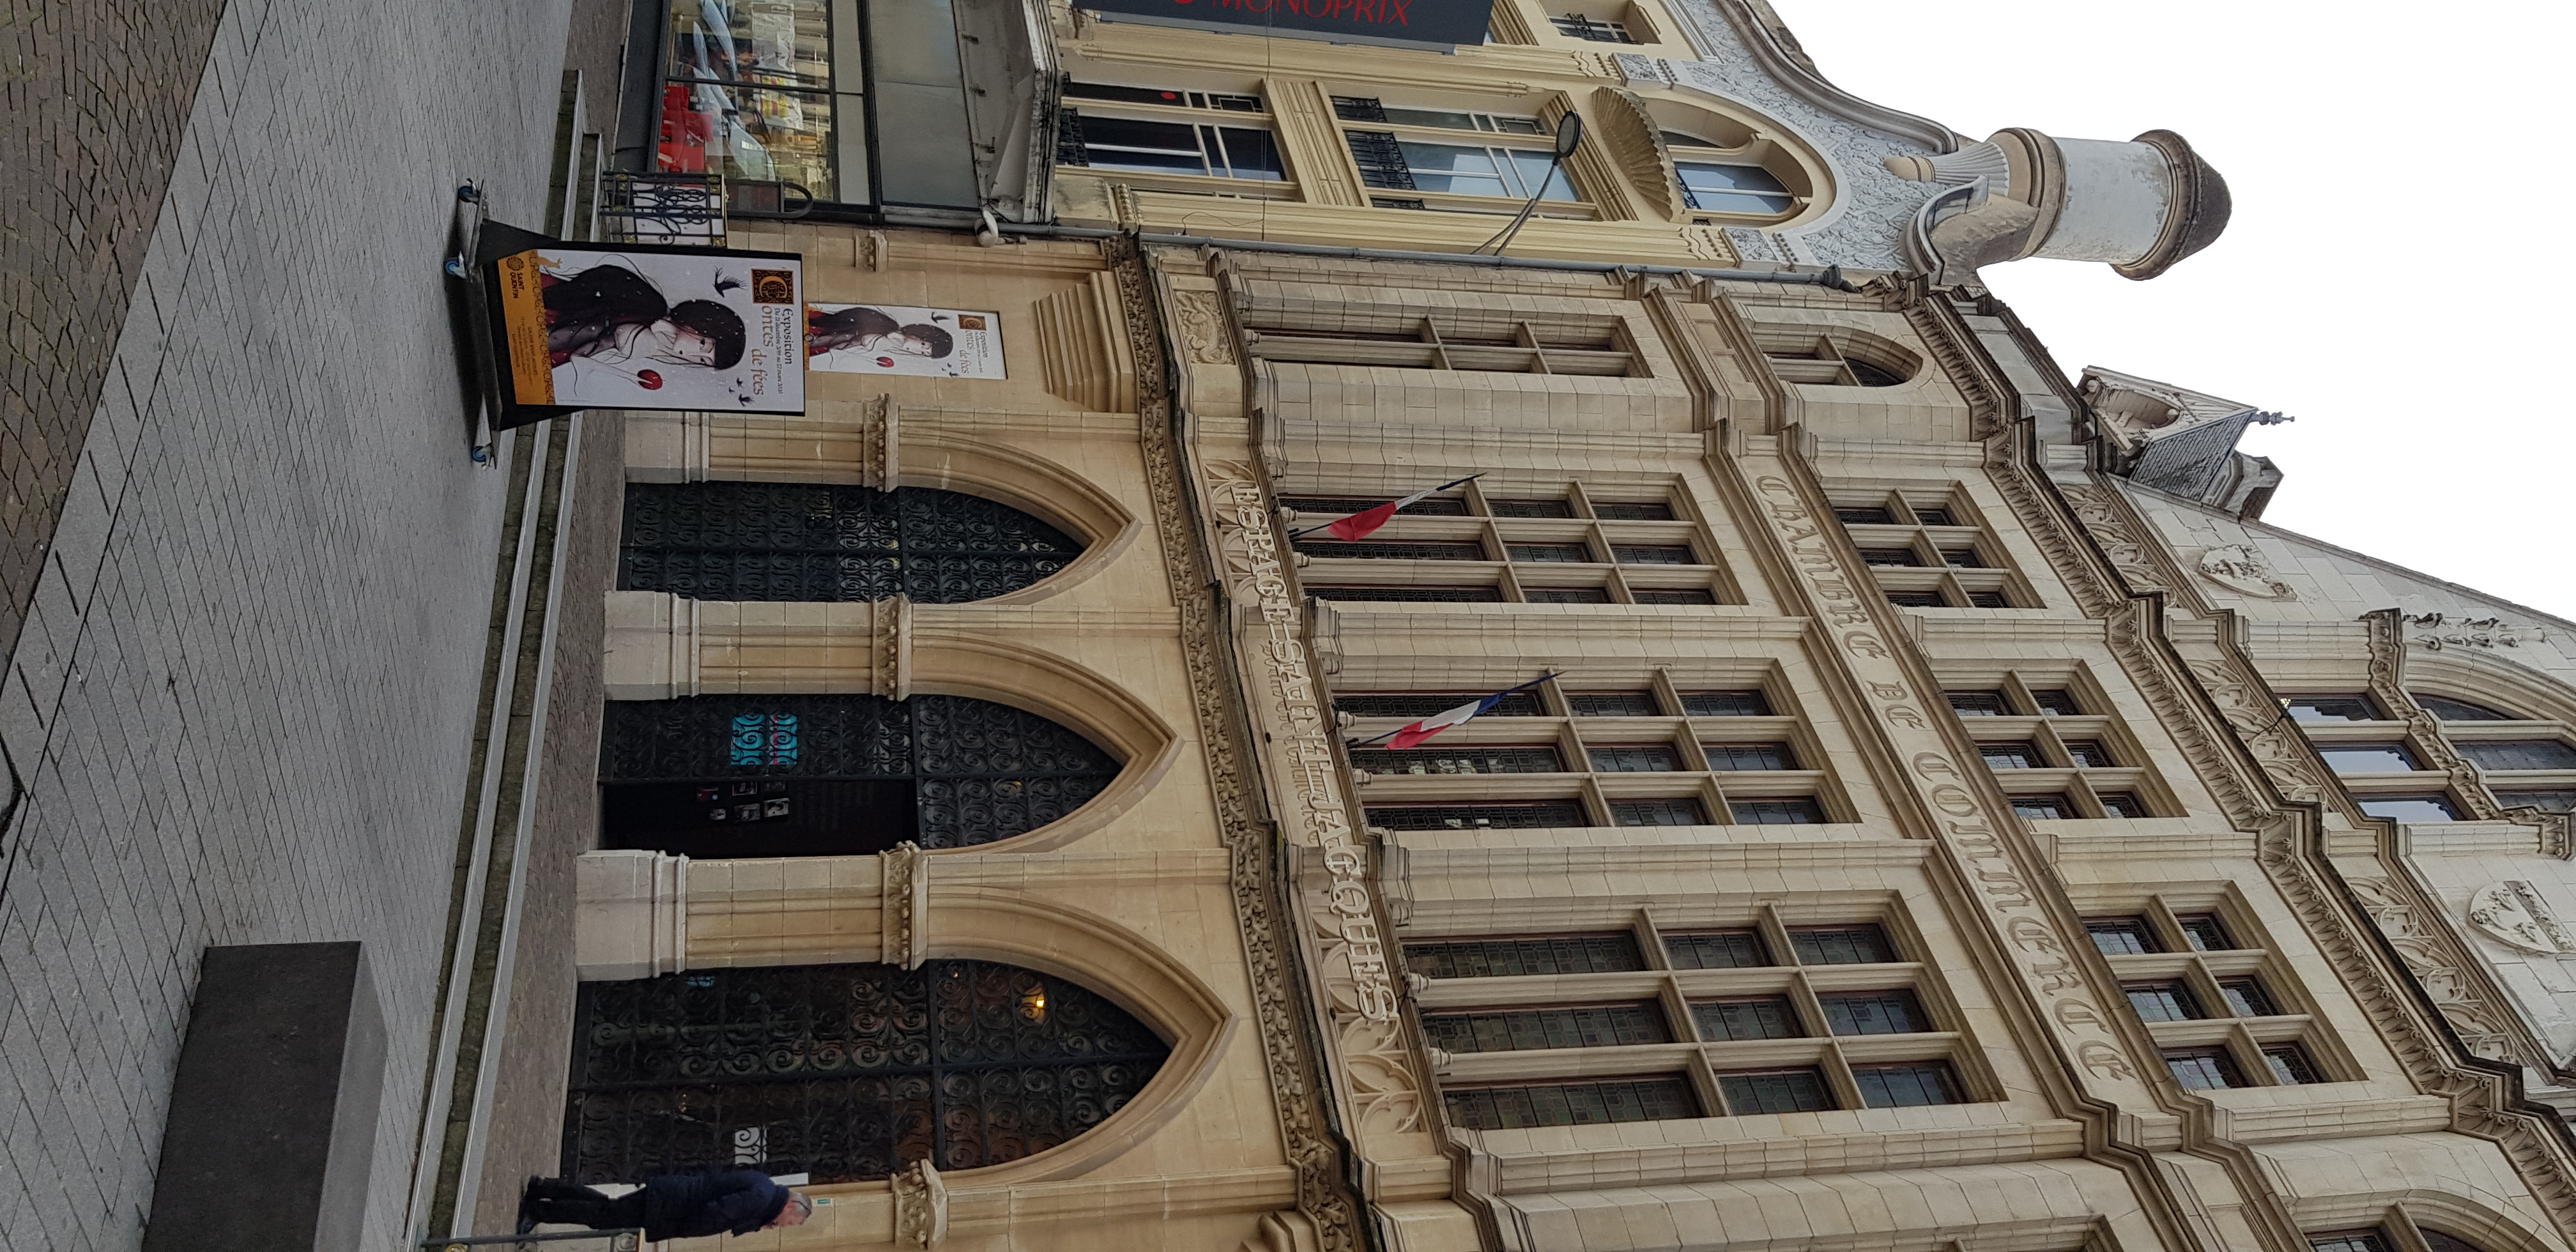 Saint Quentin Galerie Saint Jacques Expo Contes de fées 2019